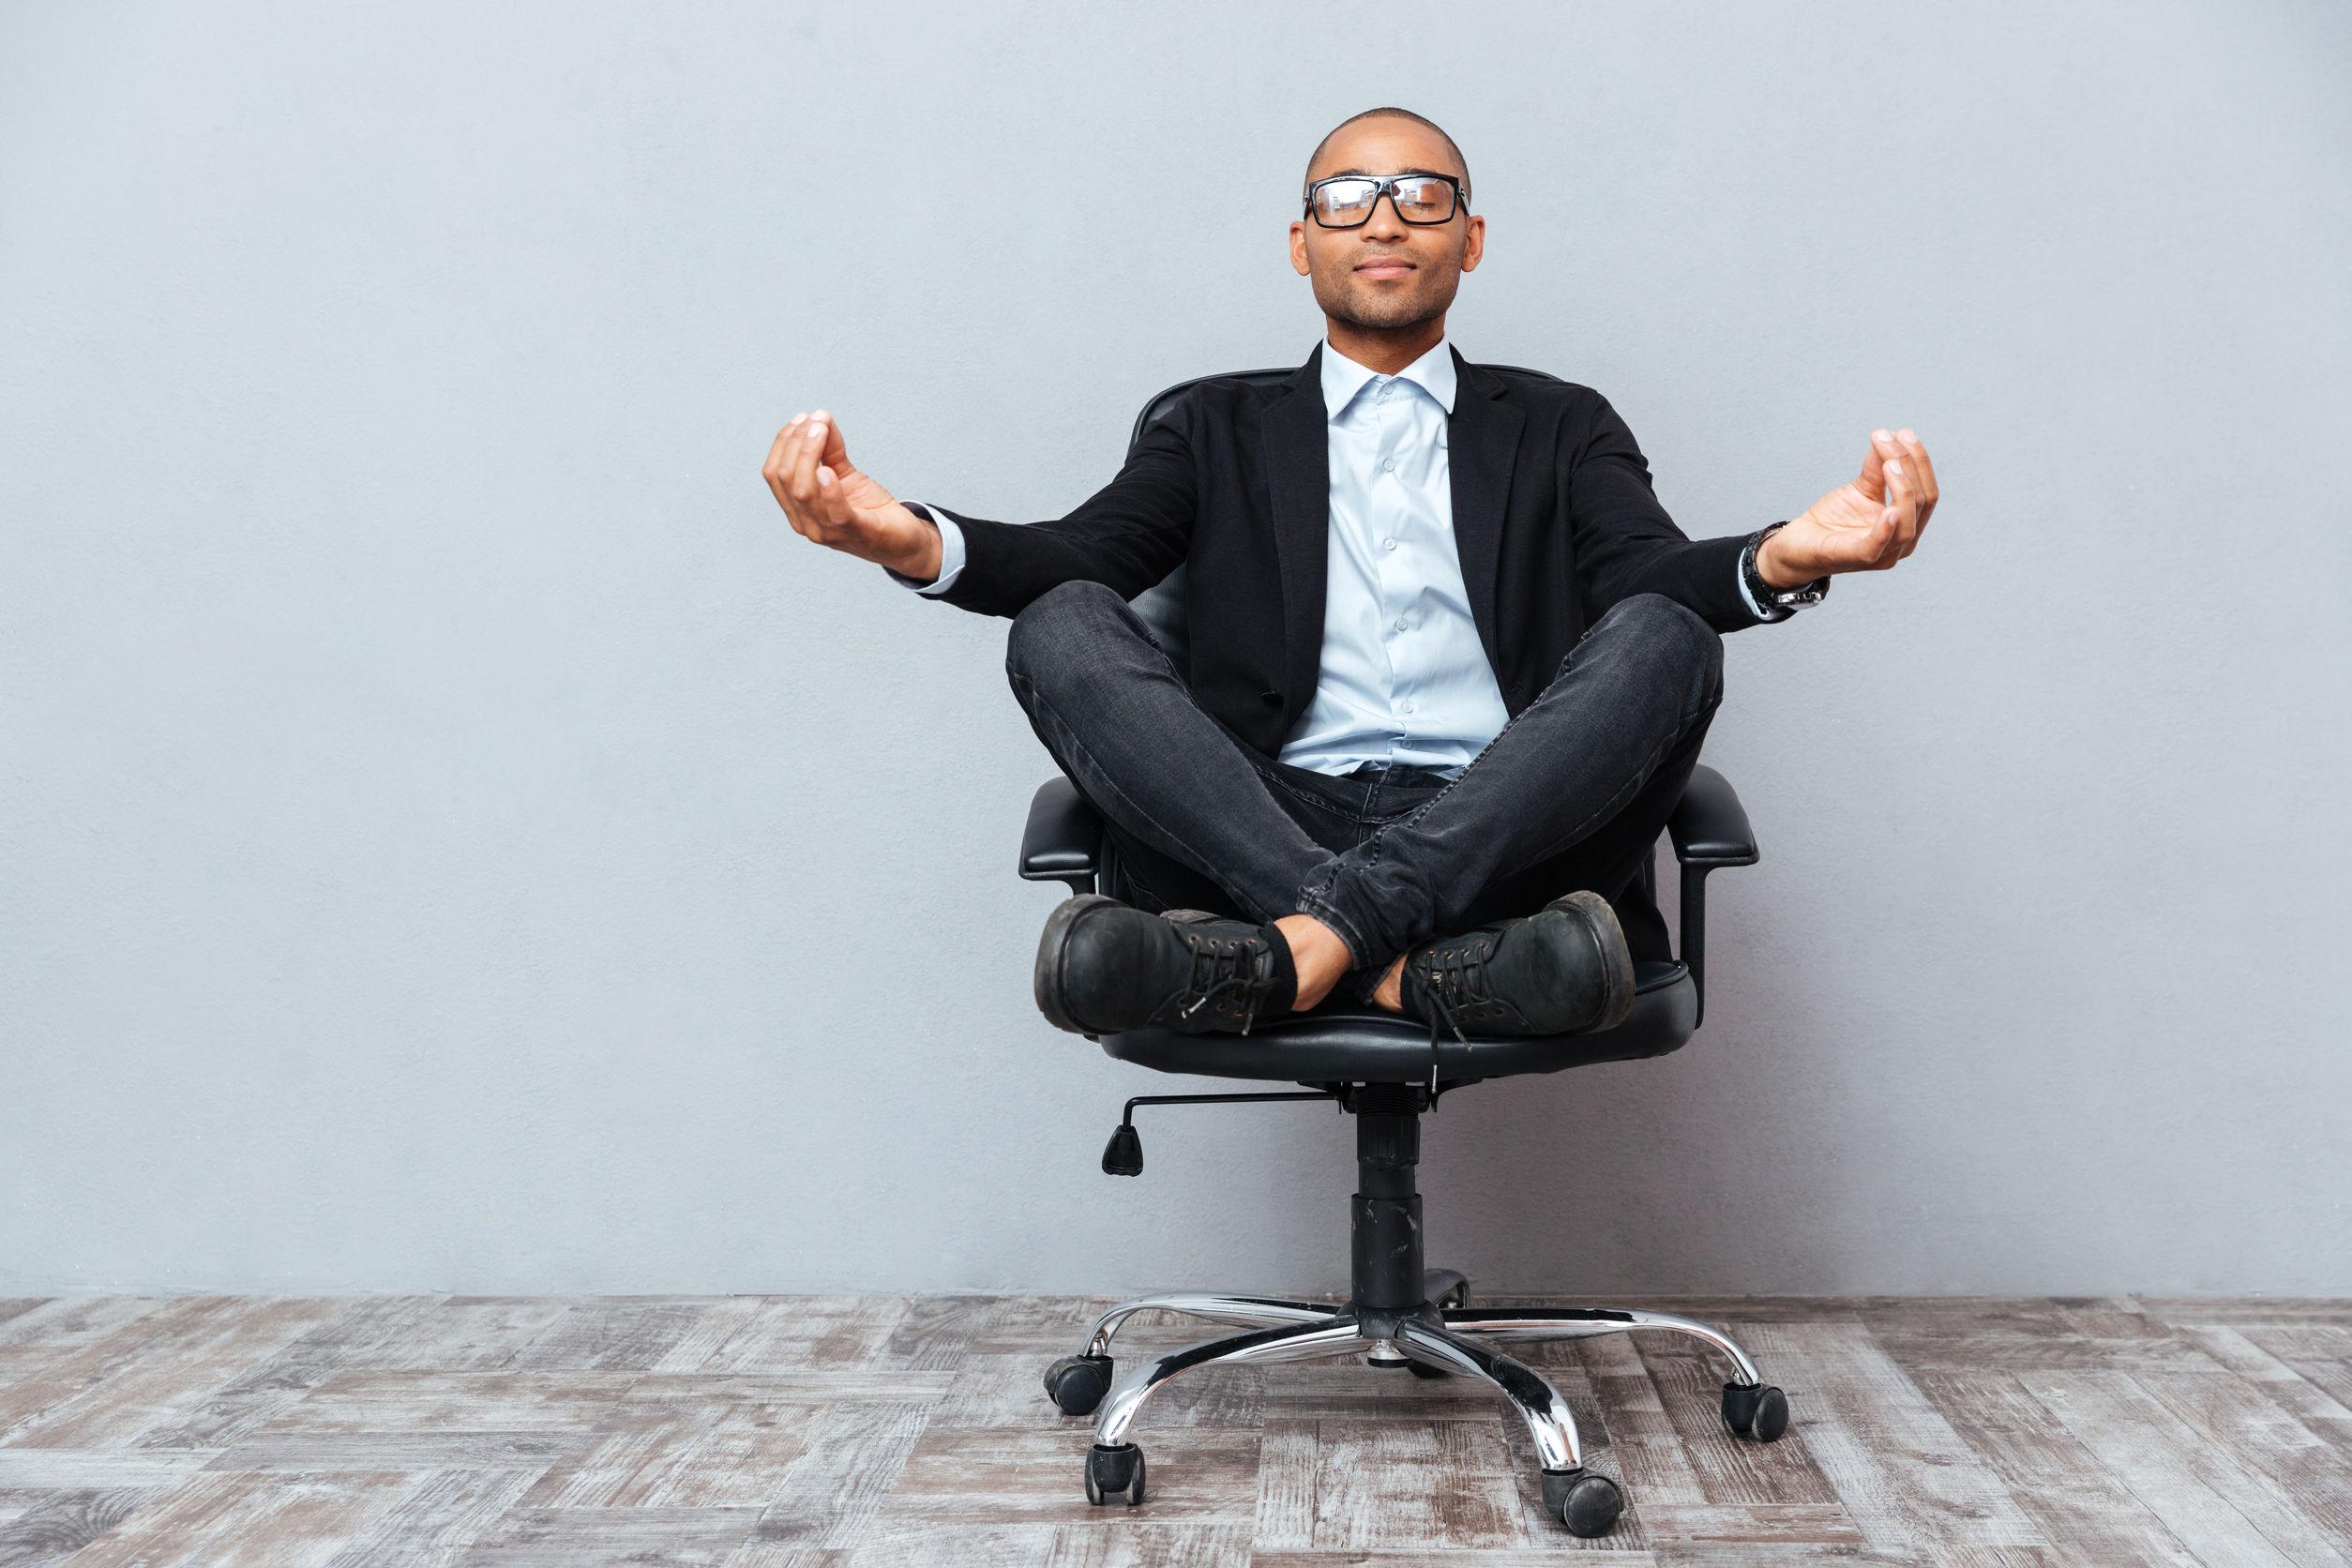 Choisir La Bonne Chaise De Bureau Criteres D Ergotherapeute